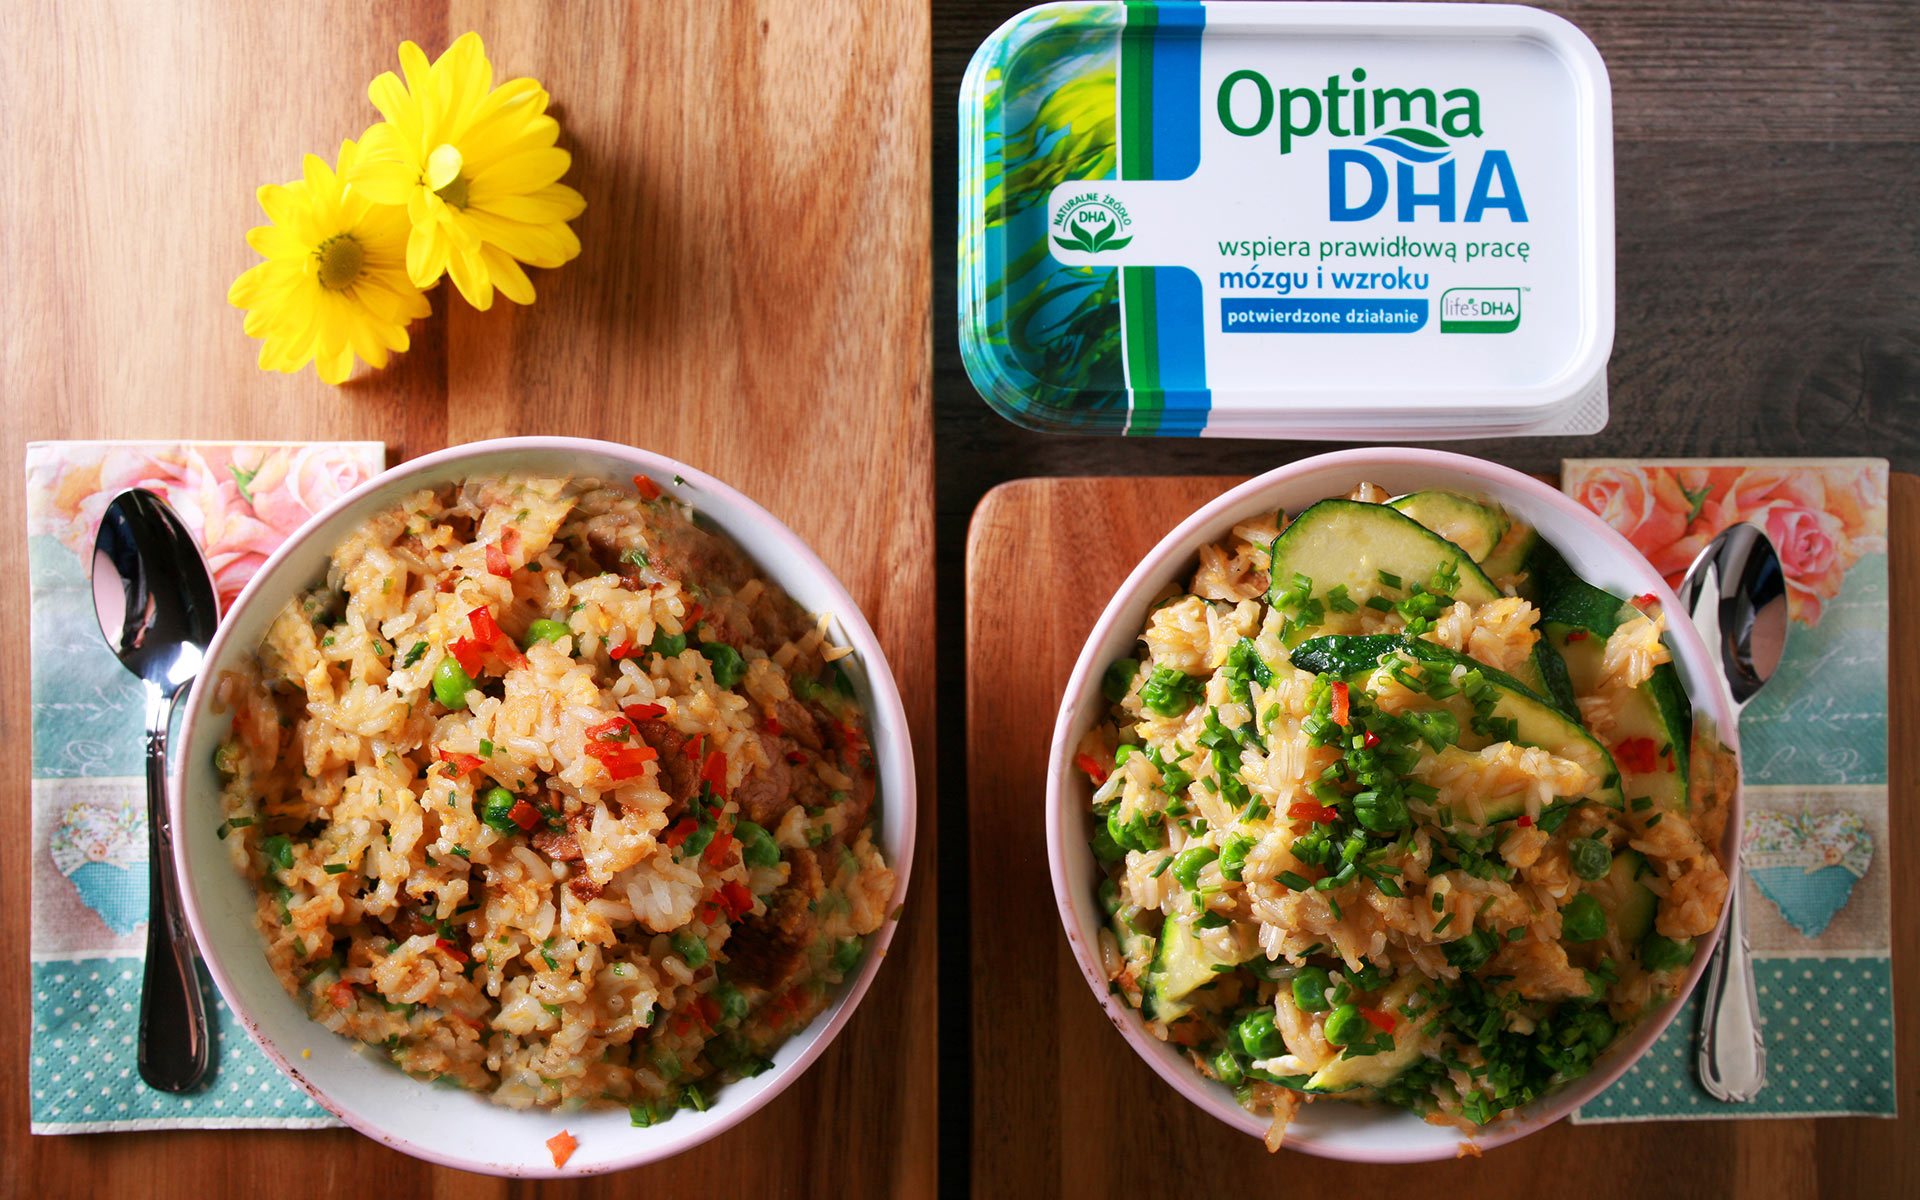 Brązowy ryż z cukinią, zielonym groszkiem, szpinakiem i jajkiem vs. Biały ryż smażony z wieprzowiną, groszkiem i prażoną cebulką